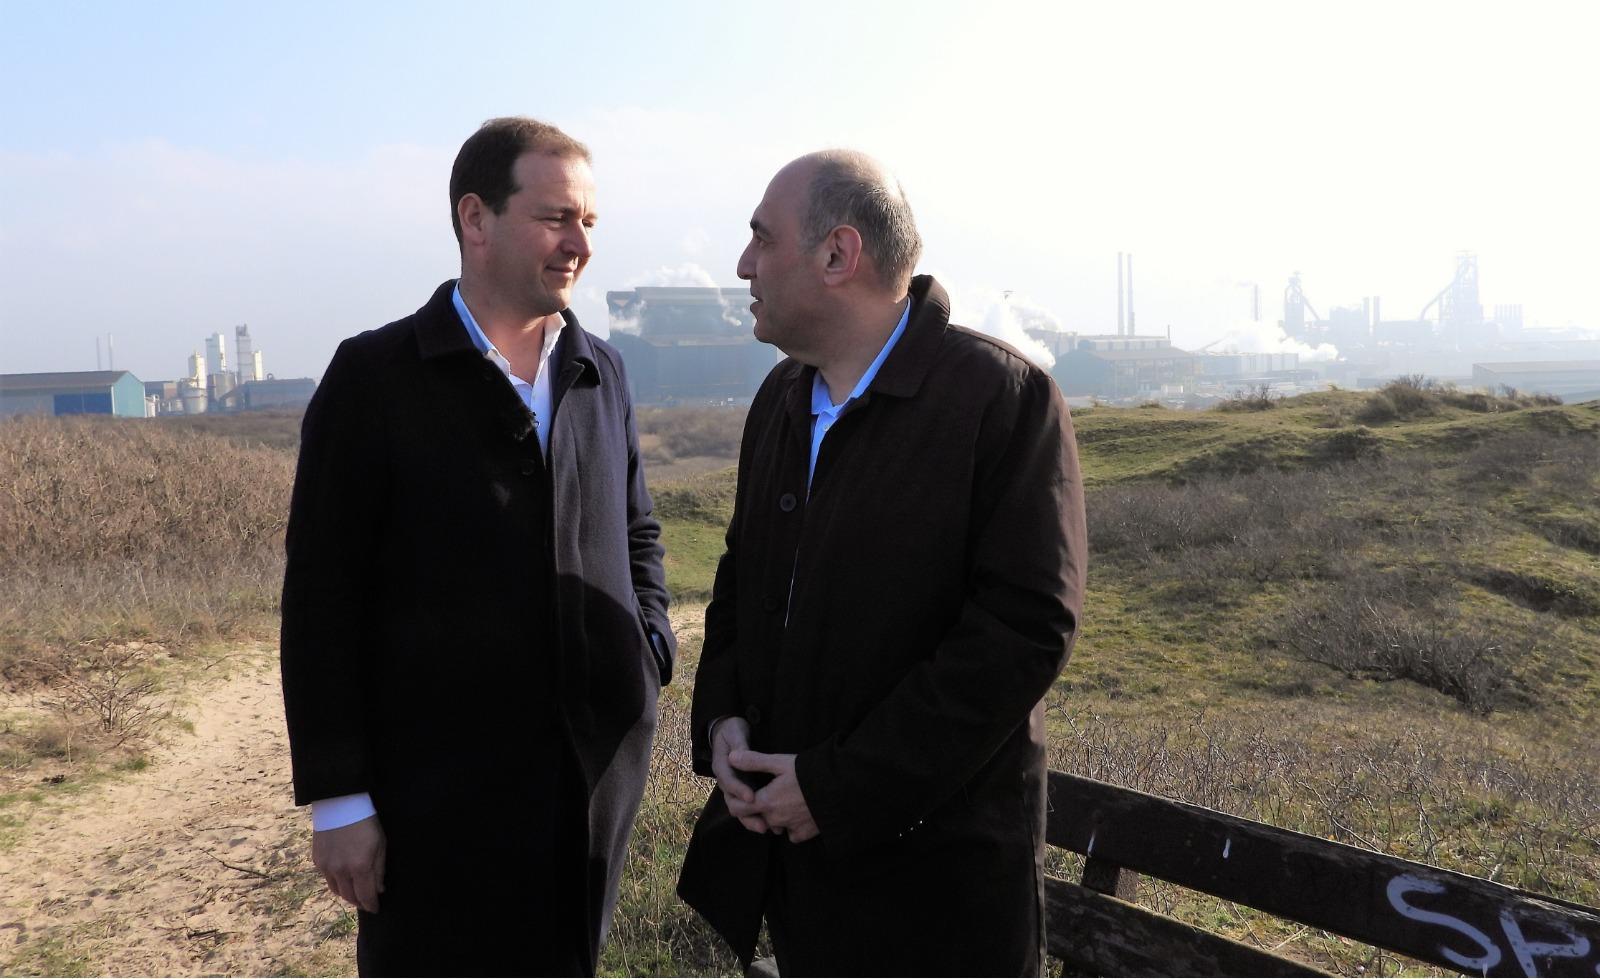 Dwangsommen Harsco niet naar milieumaatregelen Wijk aan Zee, Dorpsraad teleurgesteld